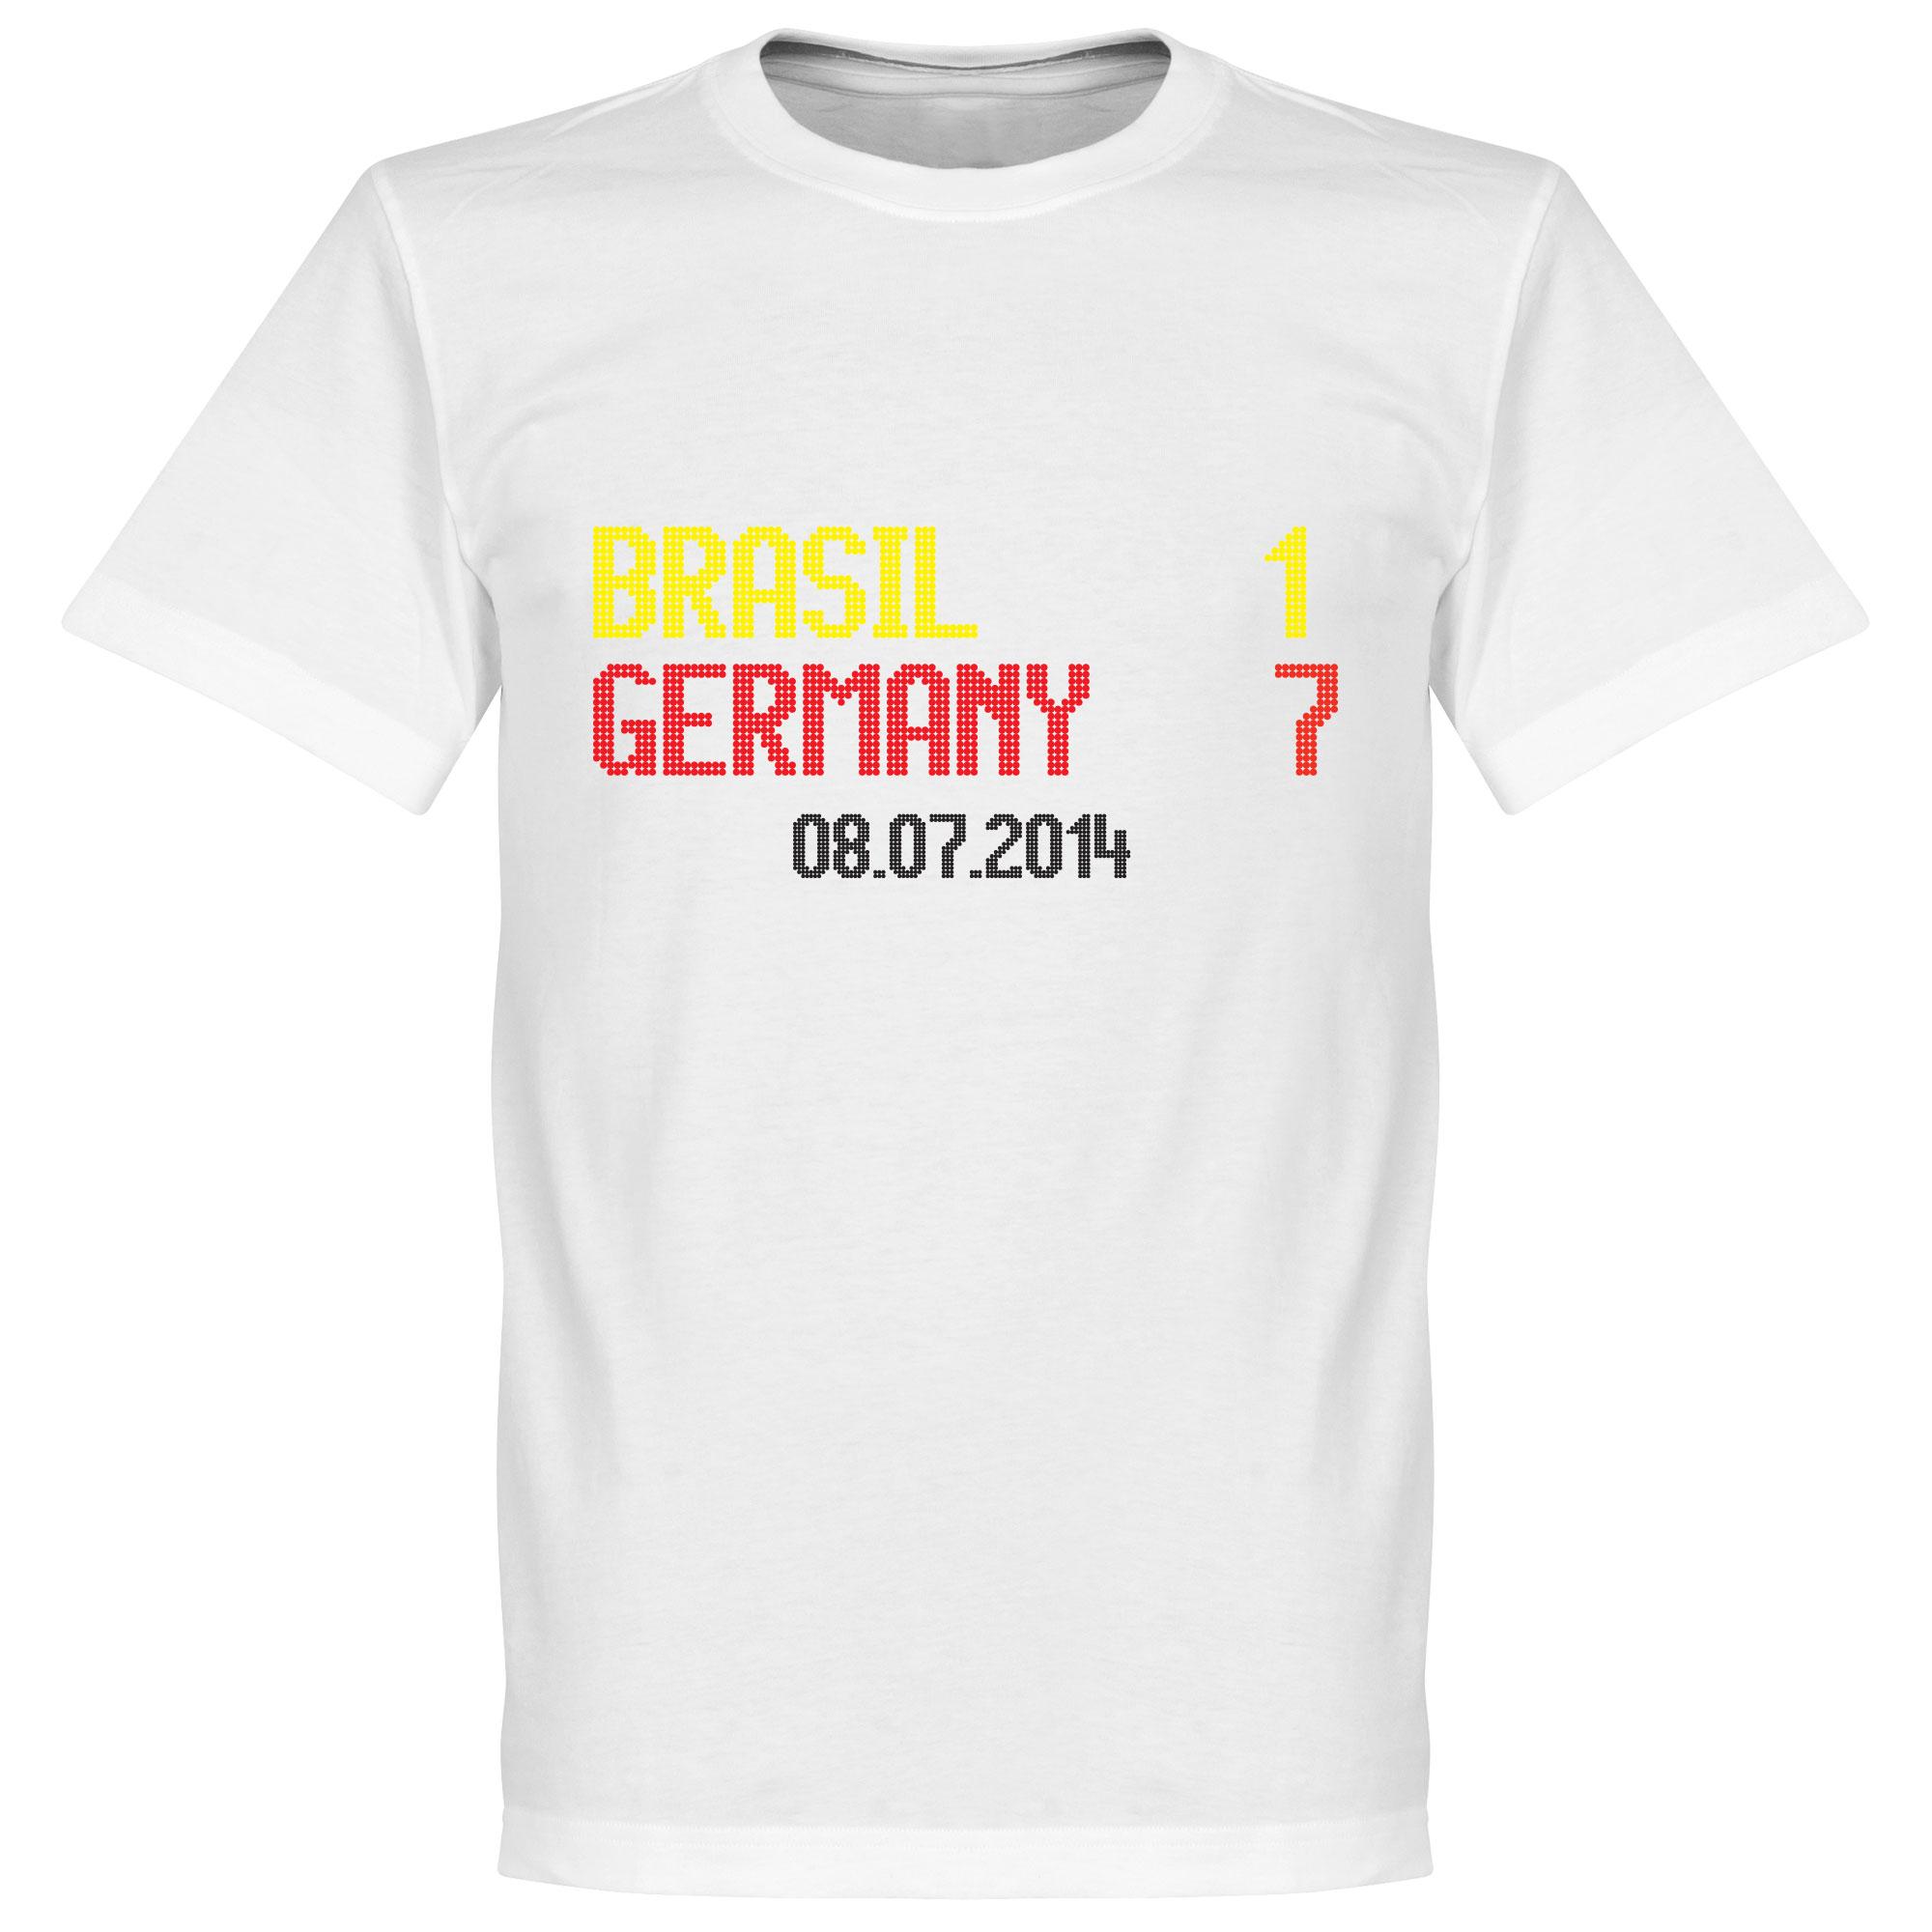 Brasil 1 : Germany 7 Scoreboard Tee - White - XL